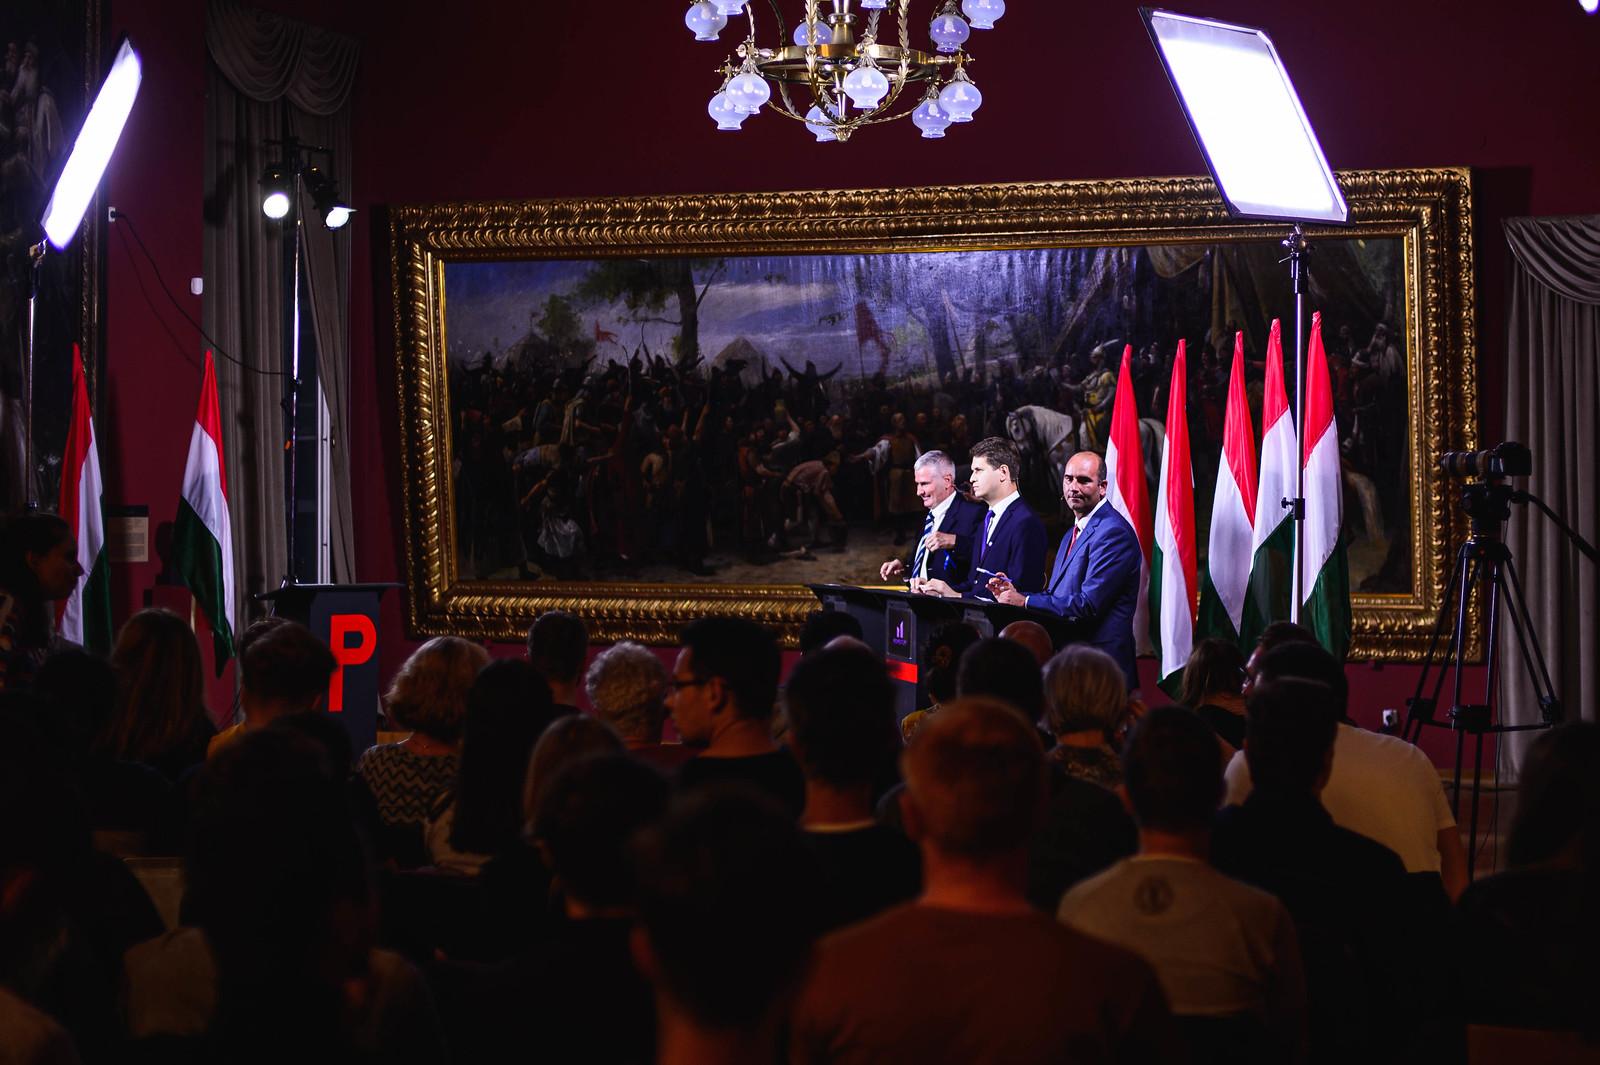 Gulyás Mártonnak sikerült zavarba hozni a szegedi képviselőjelölteket